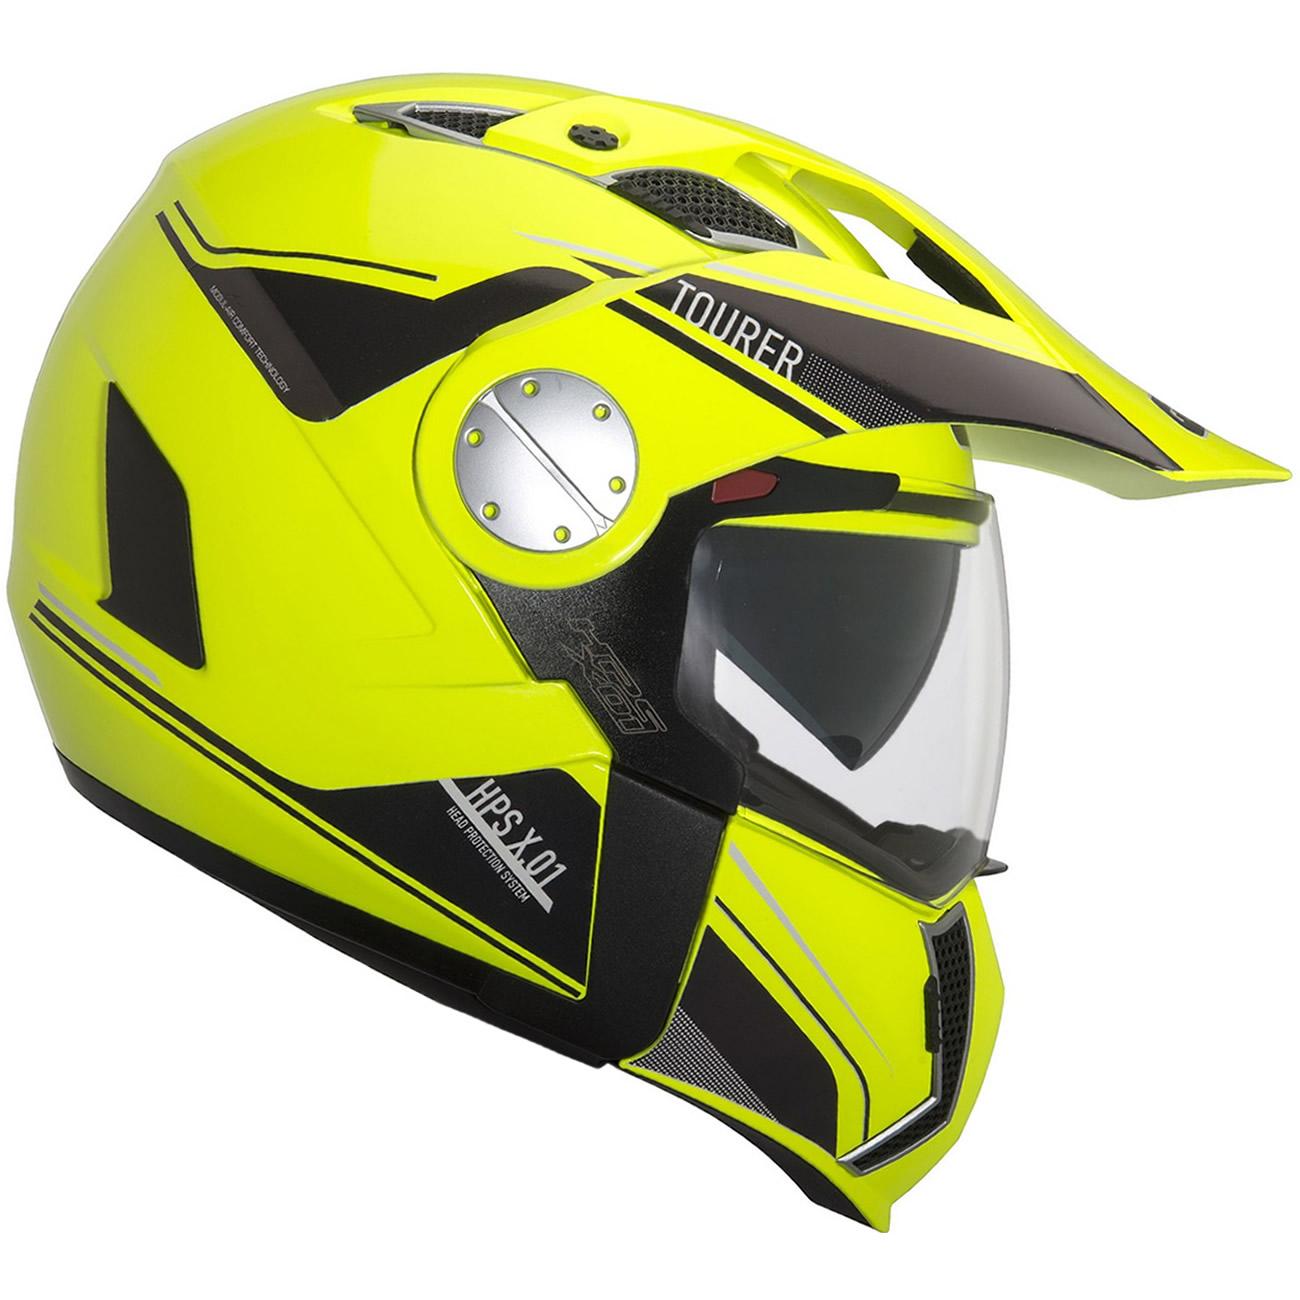 Bell Dual Sport Helmet >> GIVI X.01 TOURER MOTOCROSS MOTORCYCLE DUAL SPORT OFF ROAD ENDURO VISOR HELMET | eBay